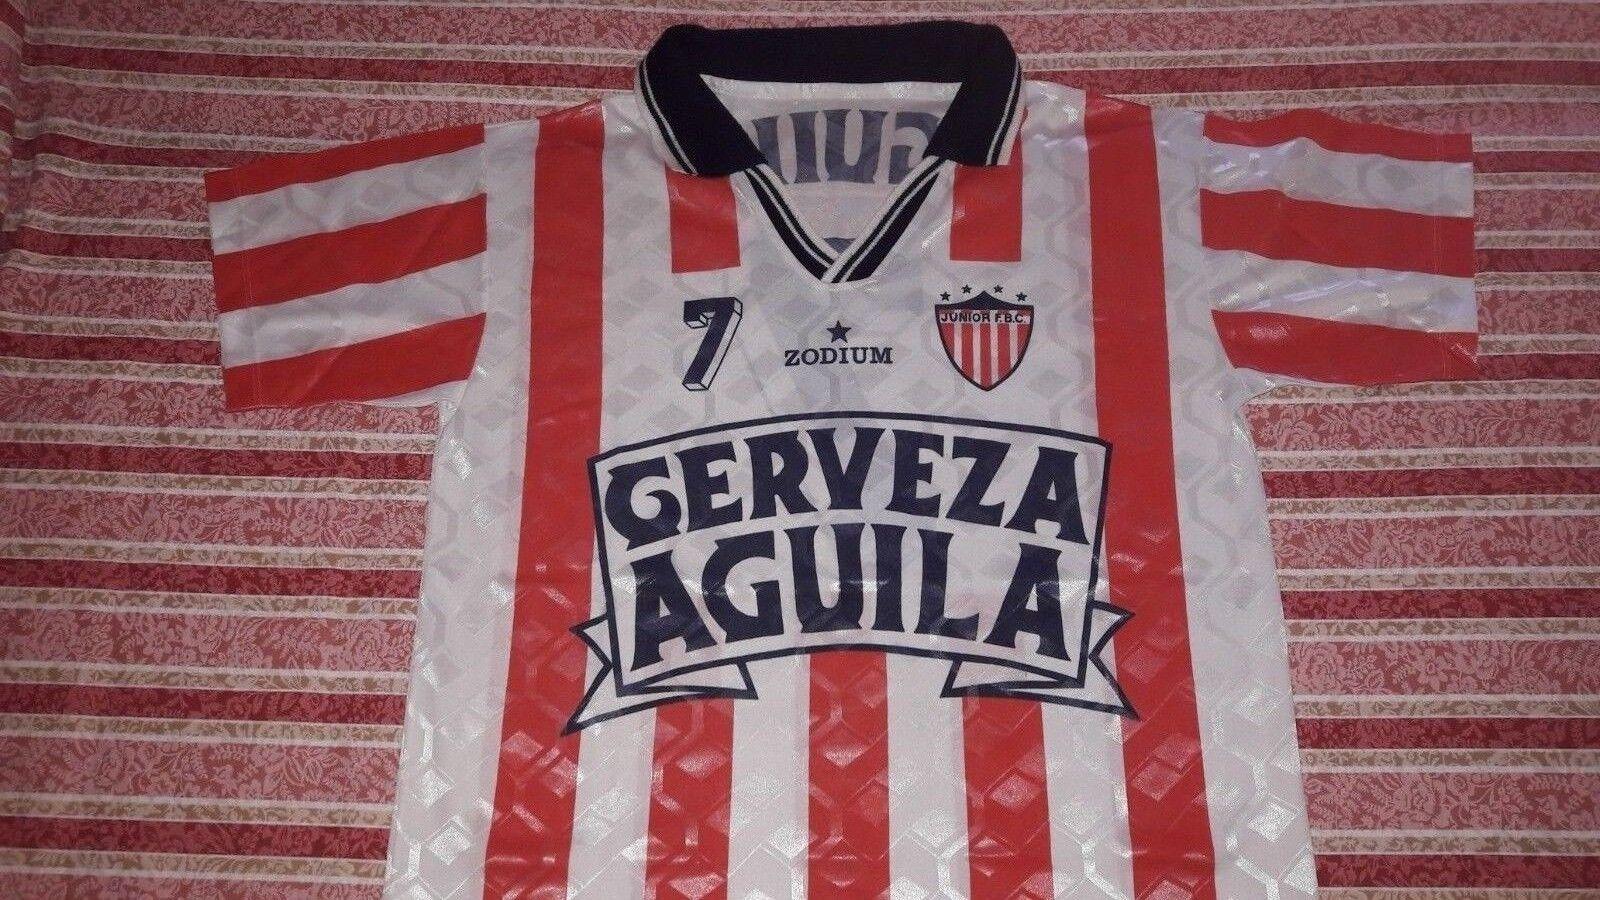 JUNIOR DE BARRANQUILLA VINTAGE SHIRT JERSEY MAGLIA COLOMBIA camiseta VALDERRAMA